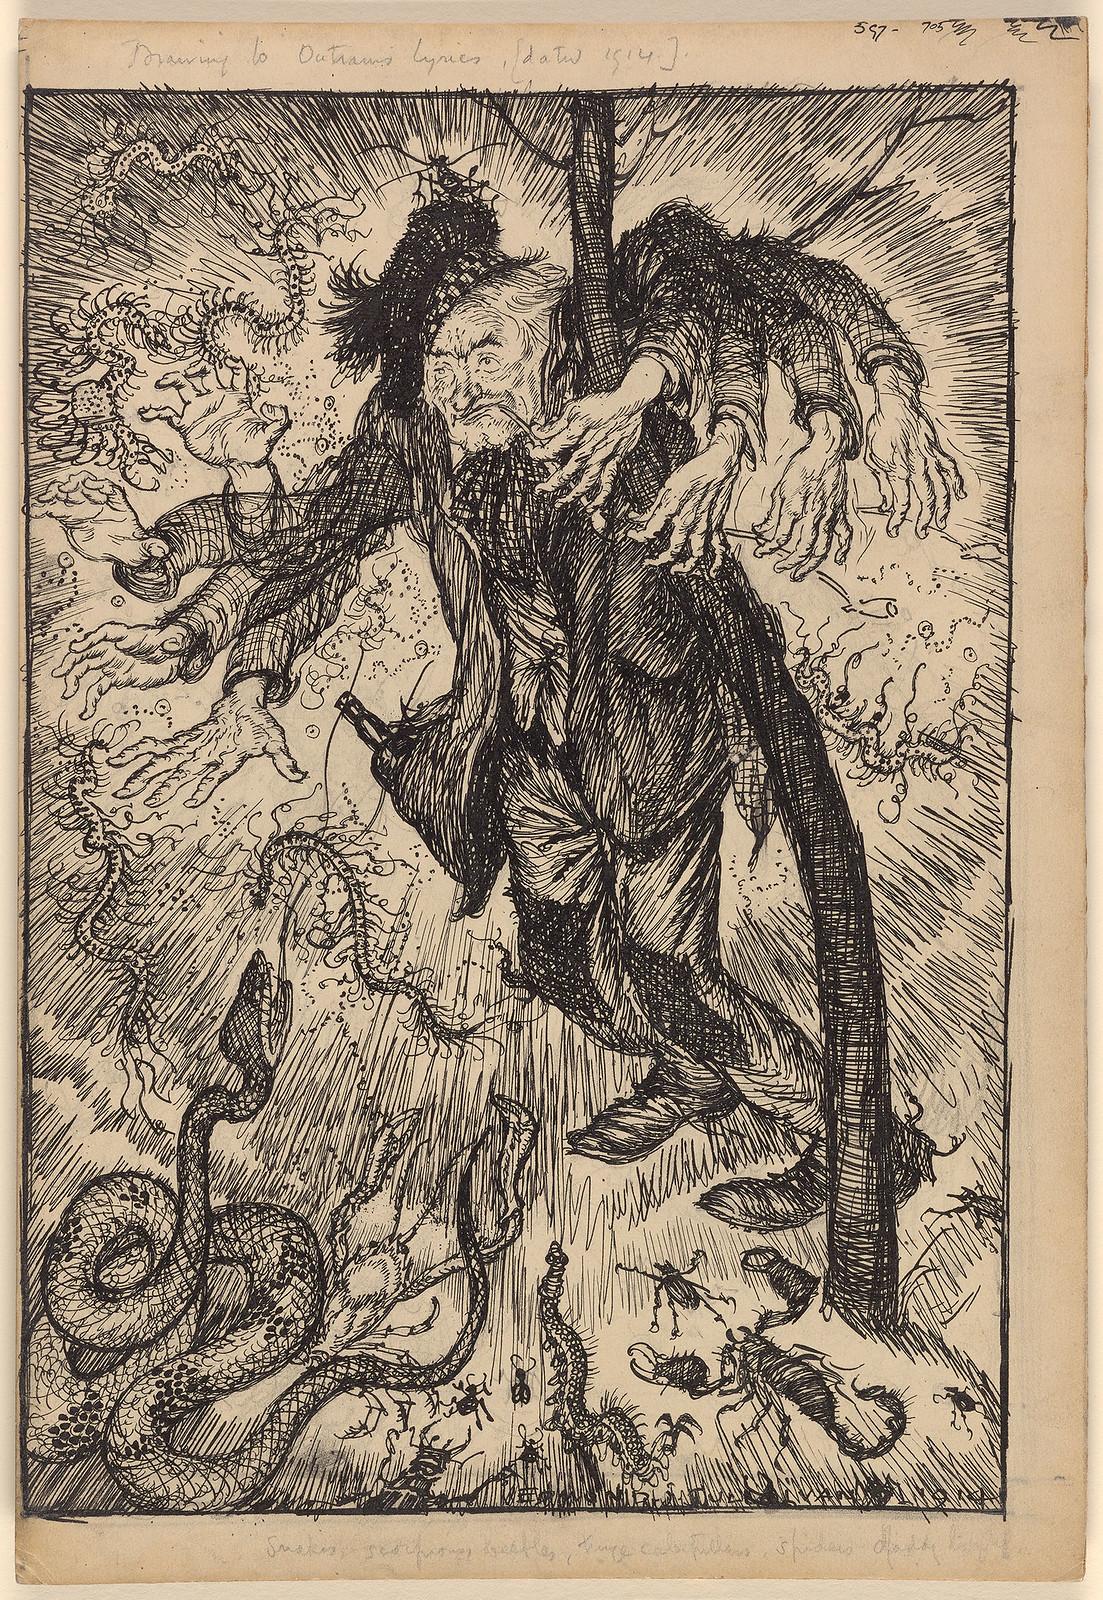 Edmund Joseph Sullivan - Drunkard Beset by Vermin, 1914